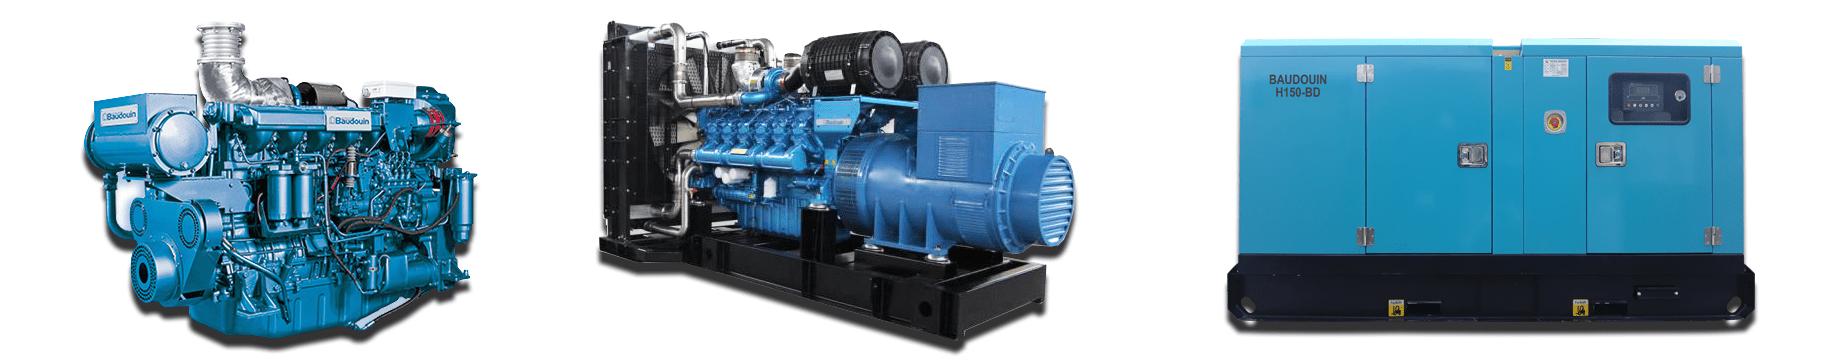 Máy phát điện Baudouin nhập khẩu